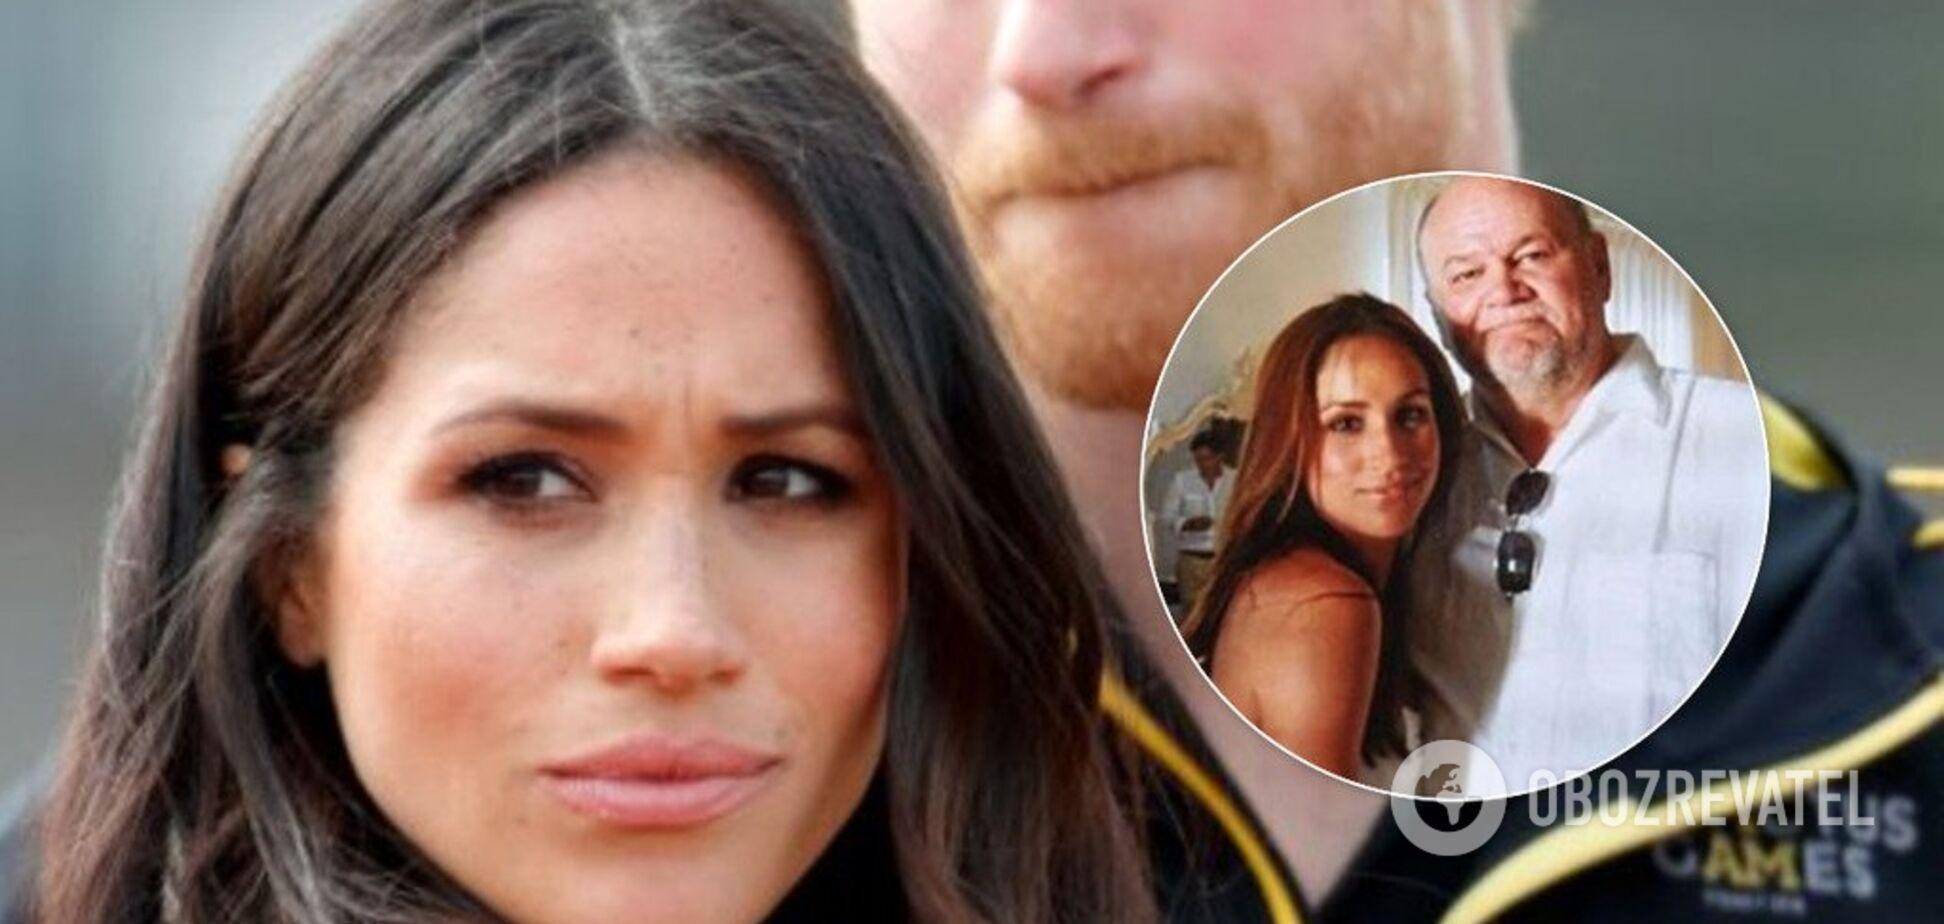 'Це лицемірство!' Батько Меган Маркл публічно розкритикував доньку і принца Гаррі